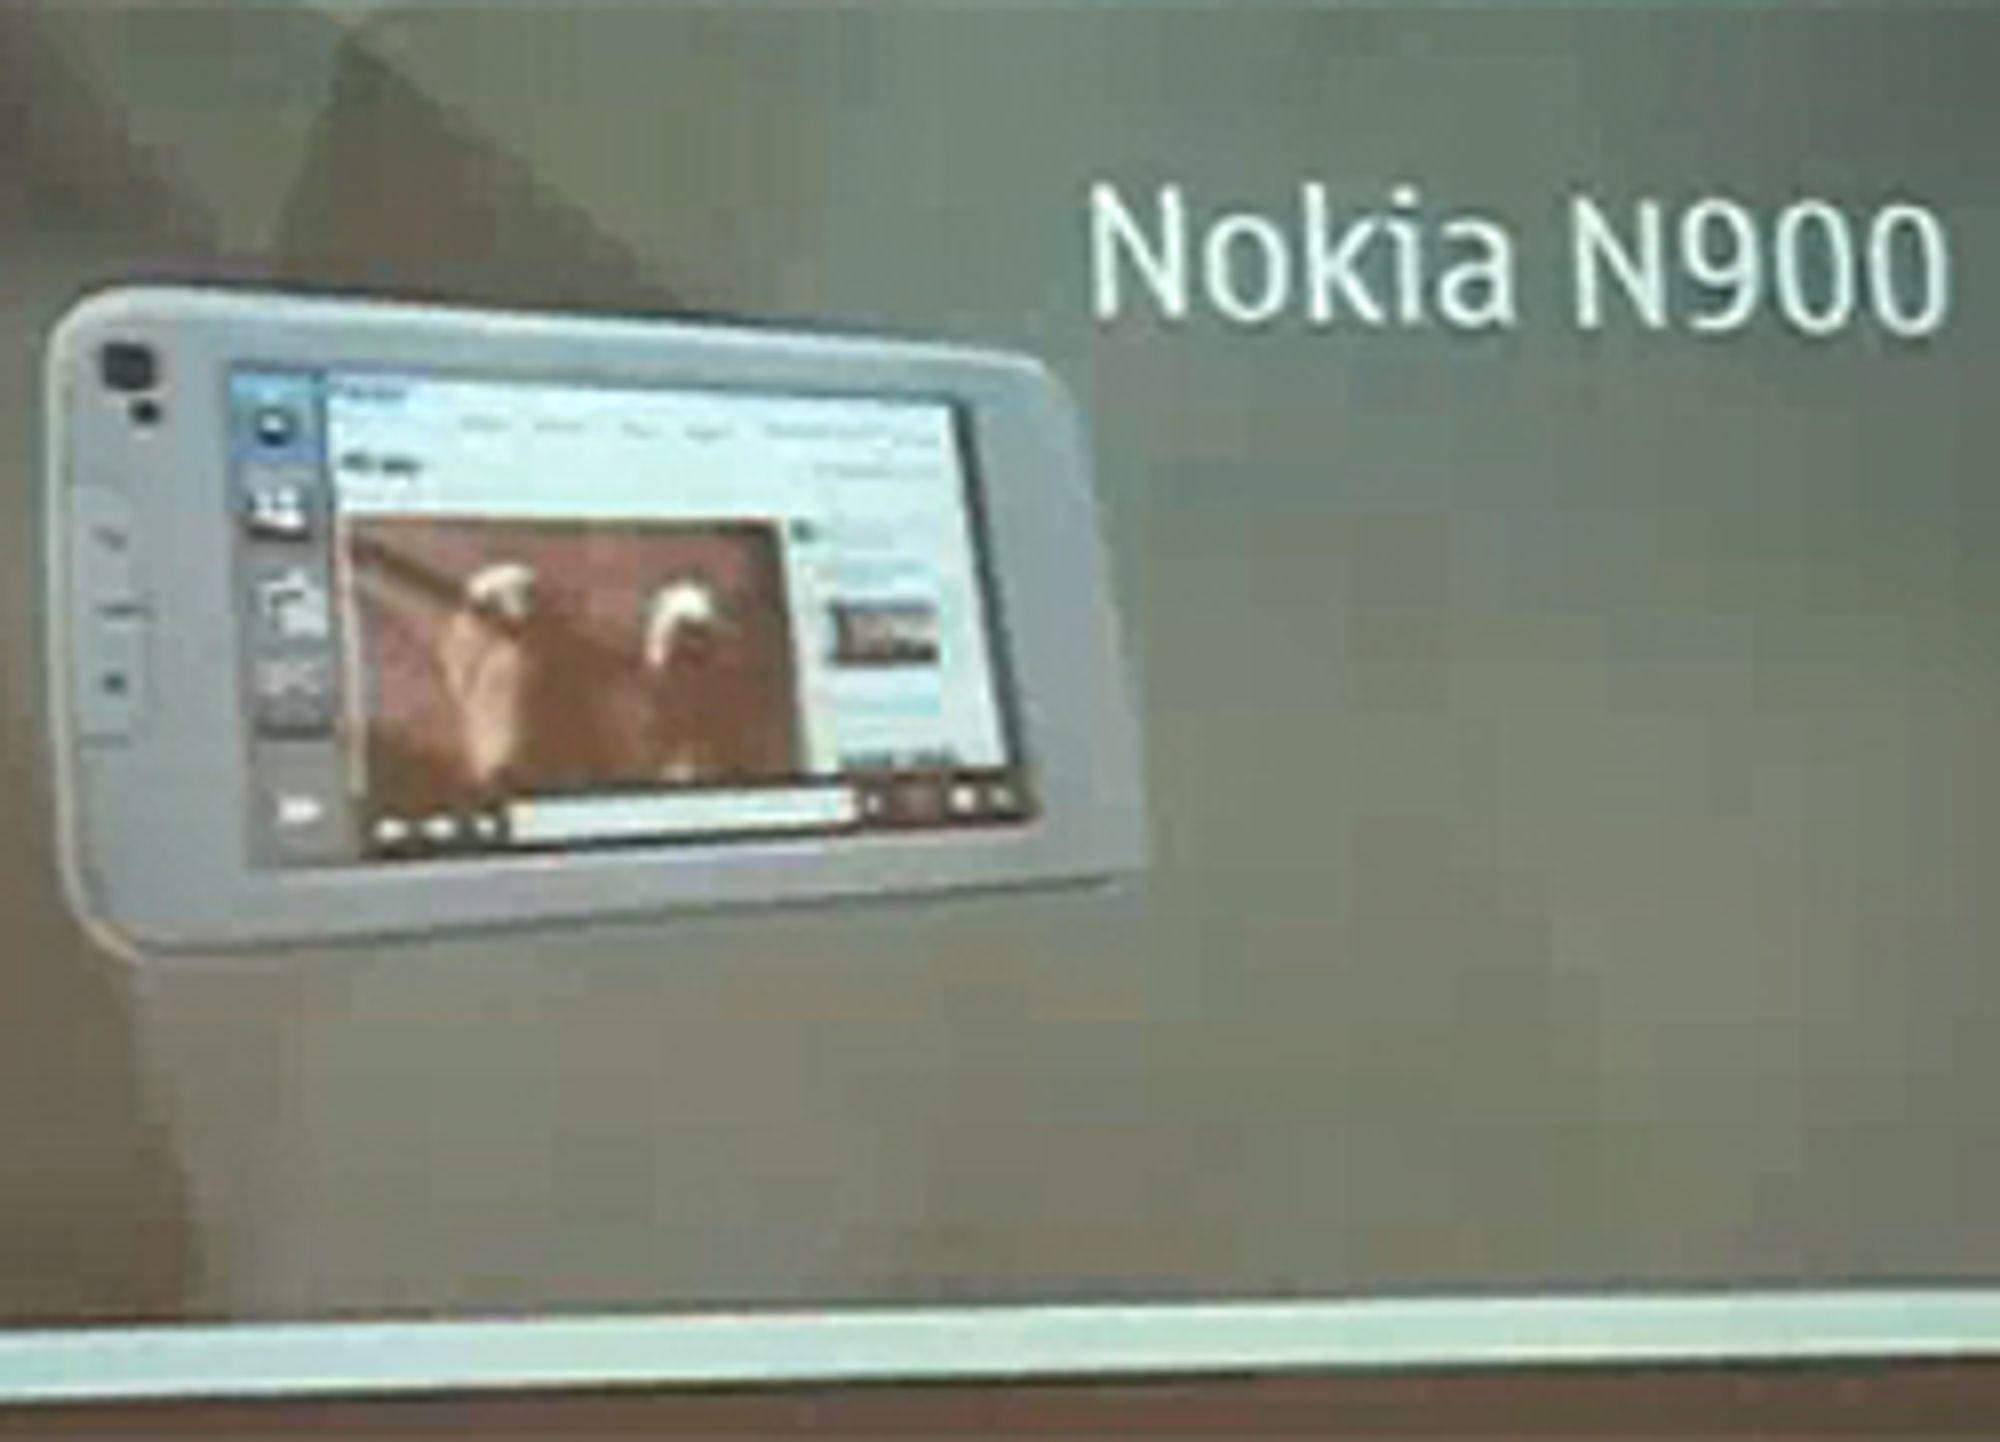 Videoen viser en Nokia N900.